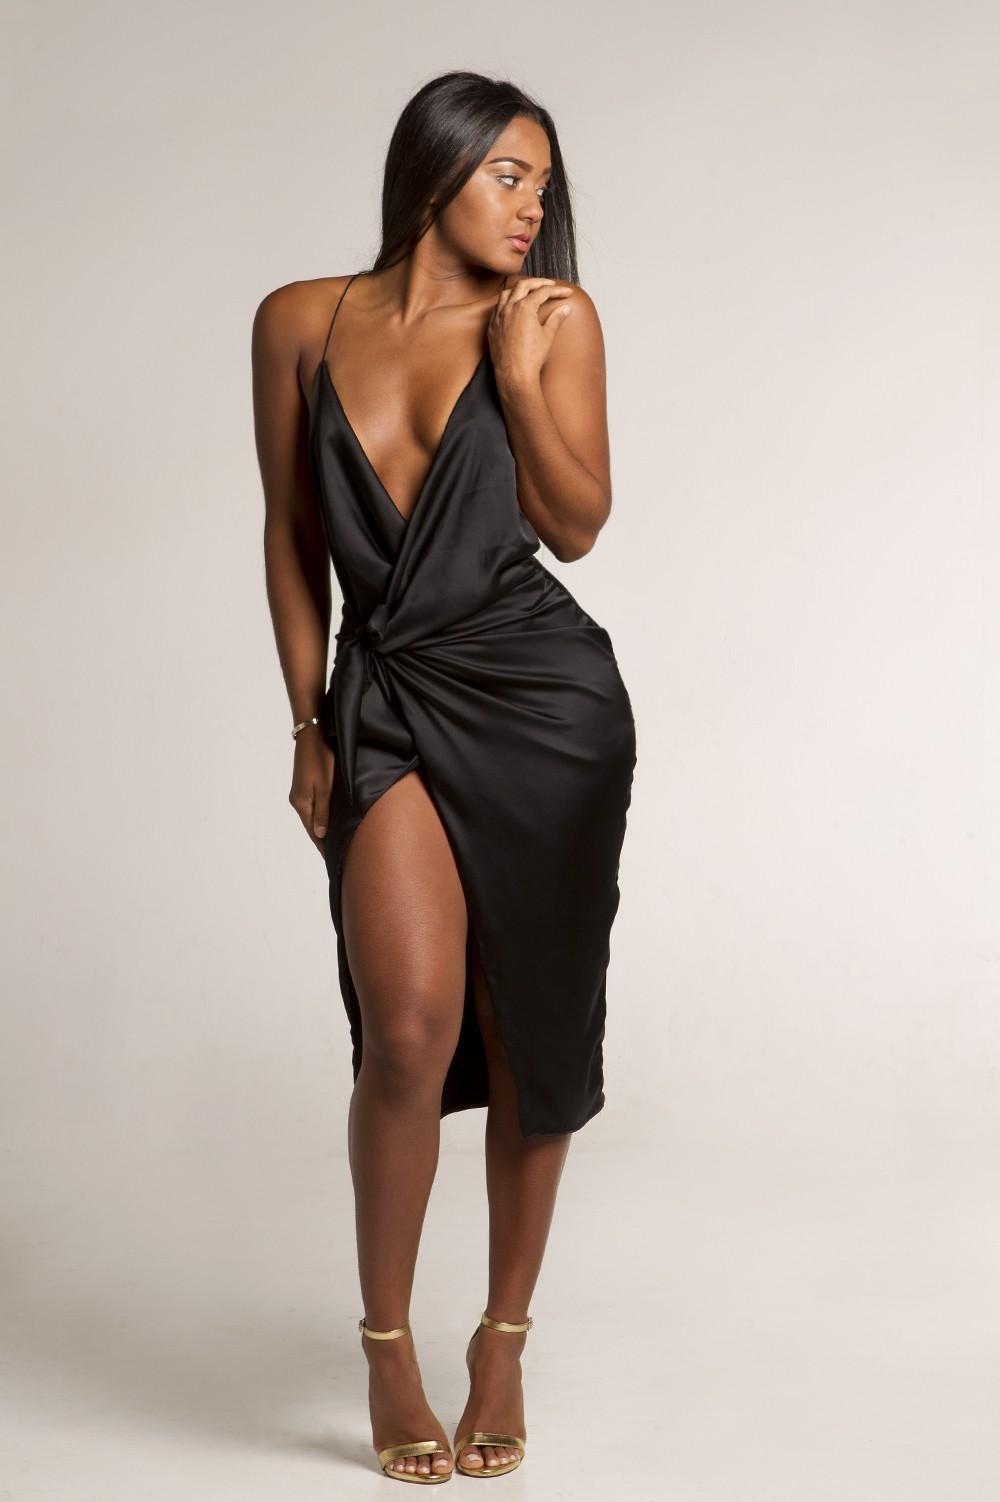 The epiphany dress